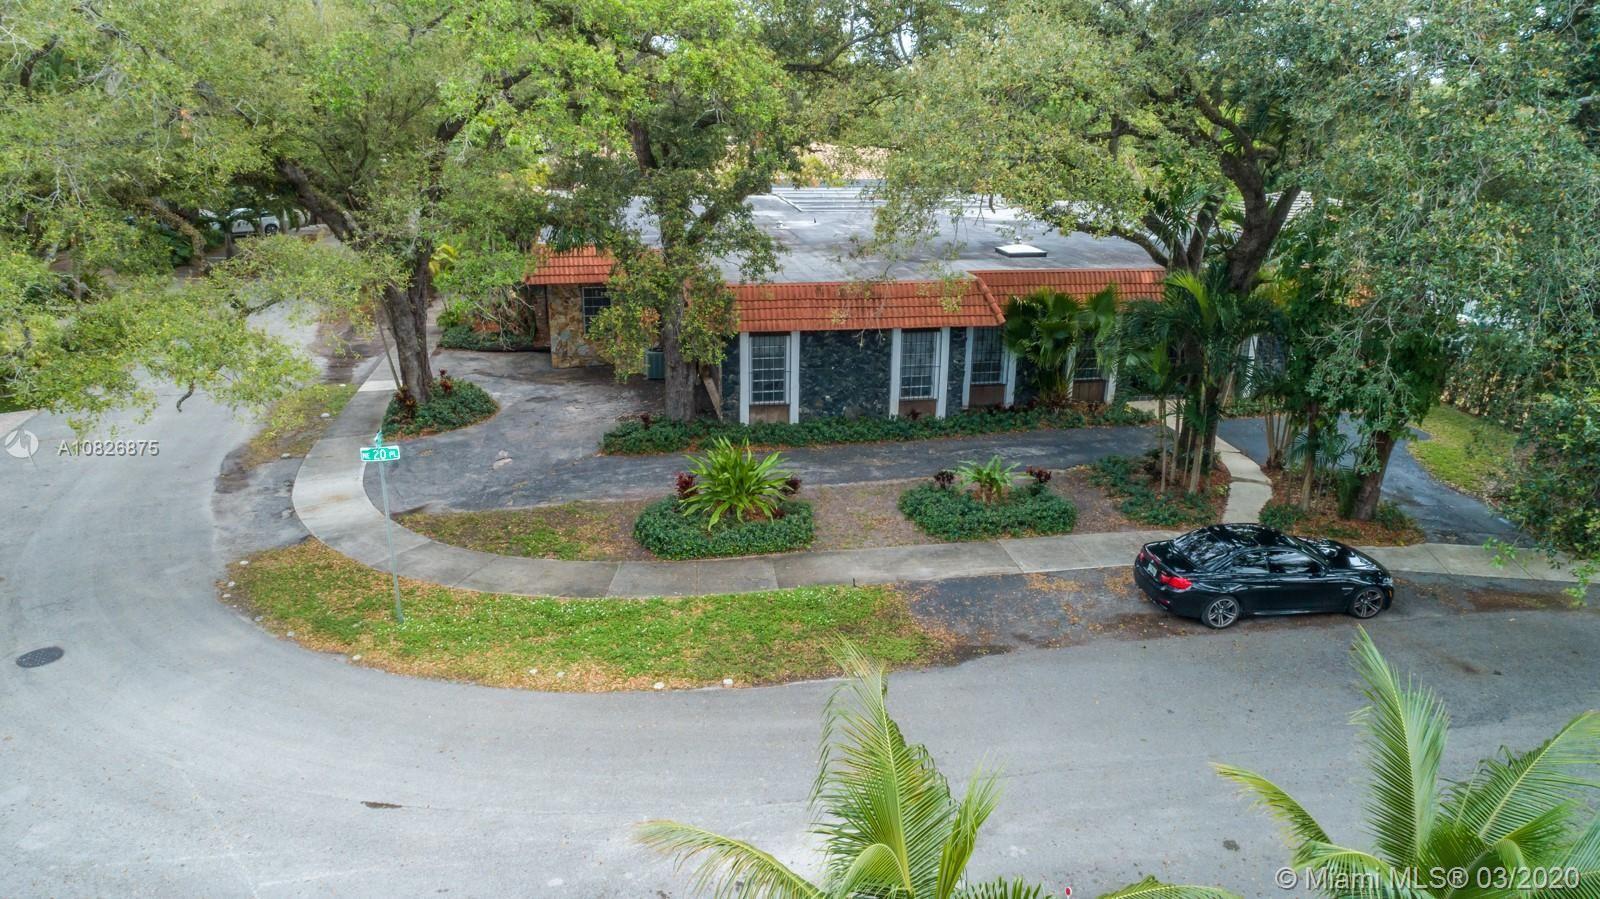 20351 NE 20th Pl, Miami, FL 33179 - #: A10826875